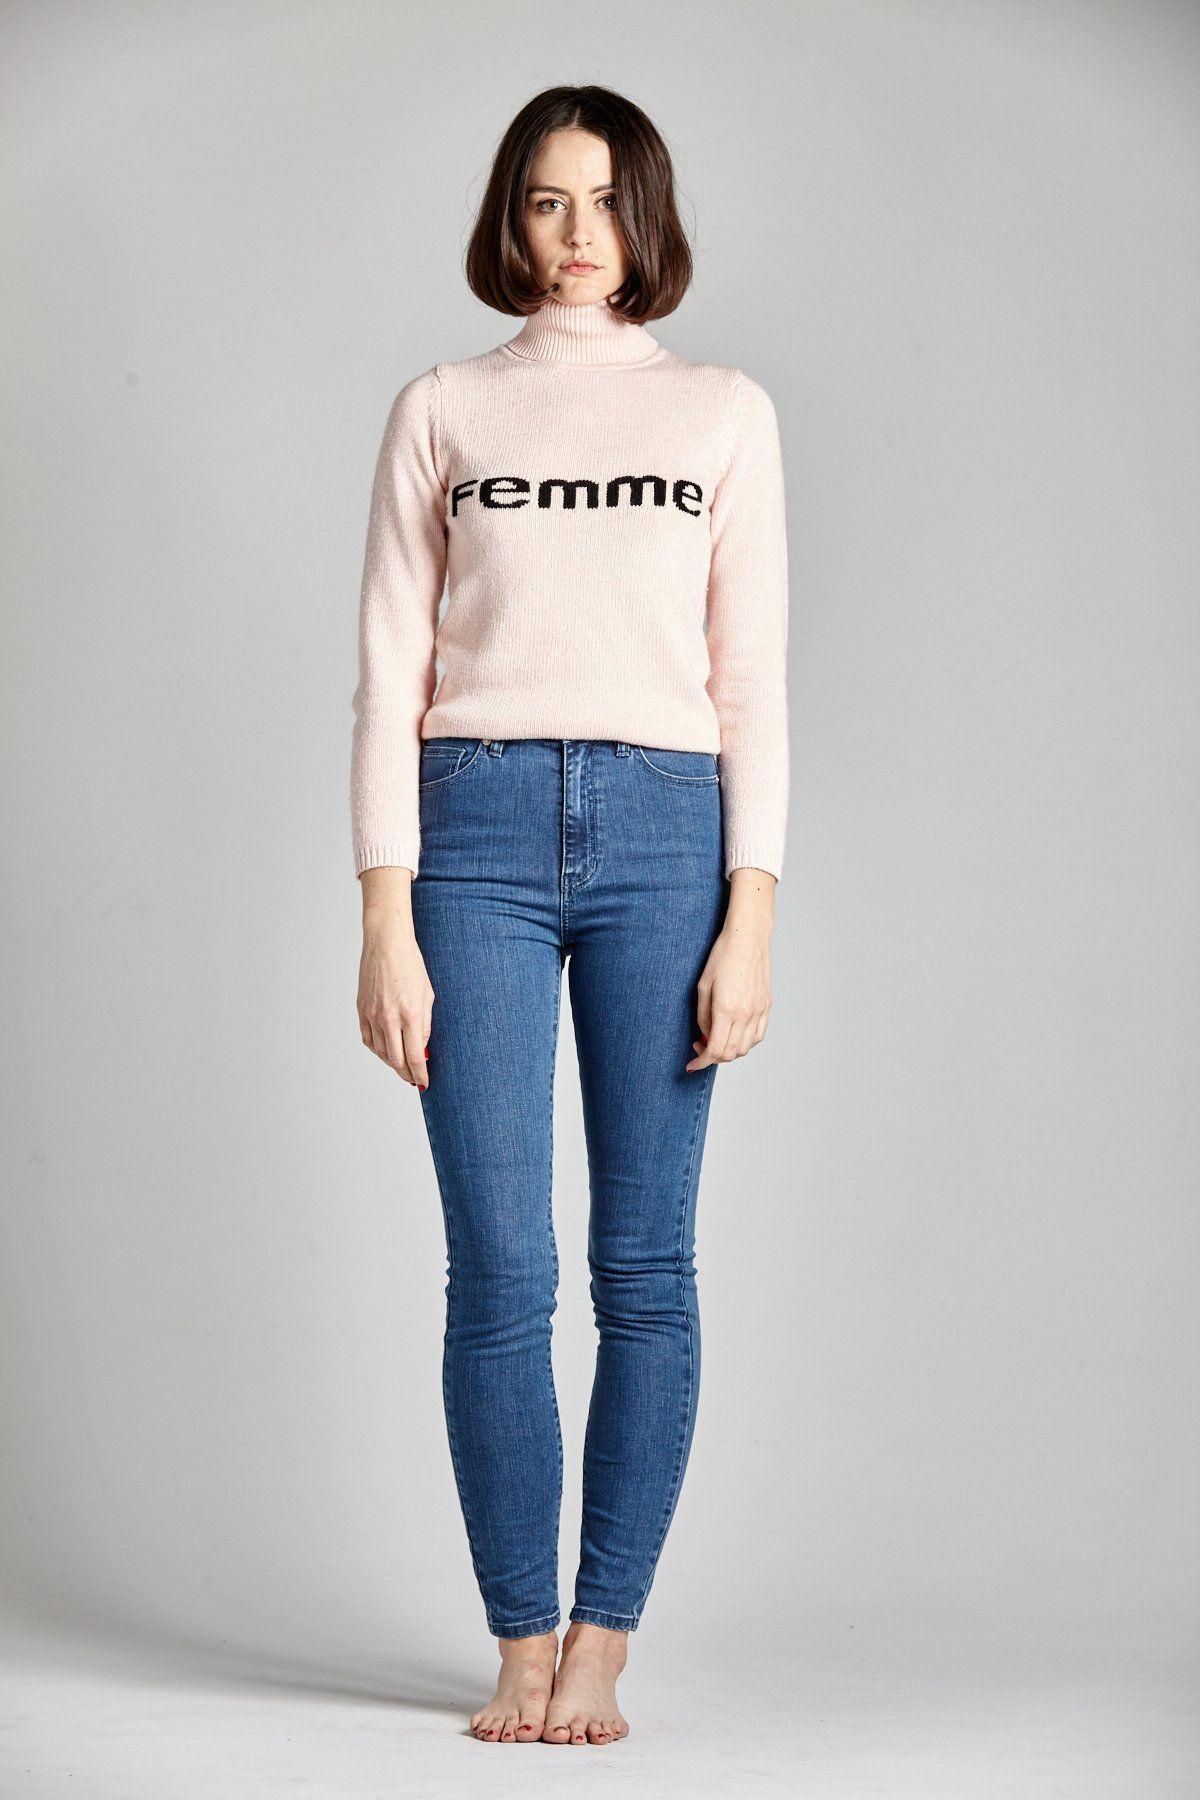 Femme Pink Turtleneck Sweater | L'école Des Femmes | Spring/Summer ...